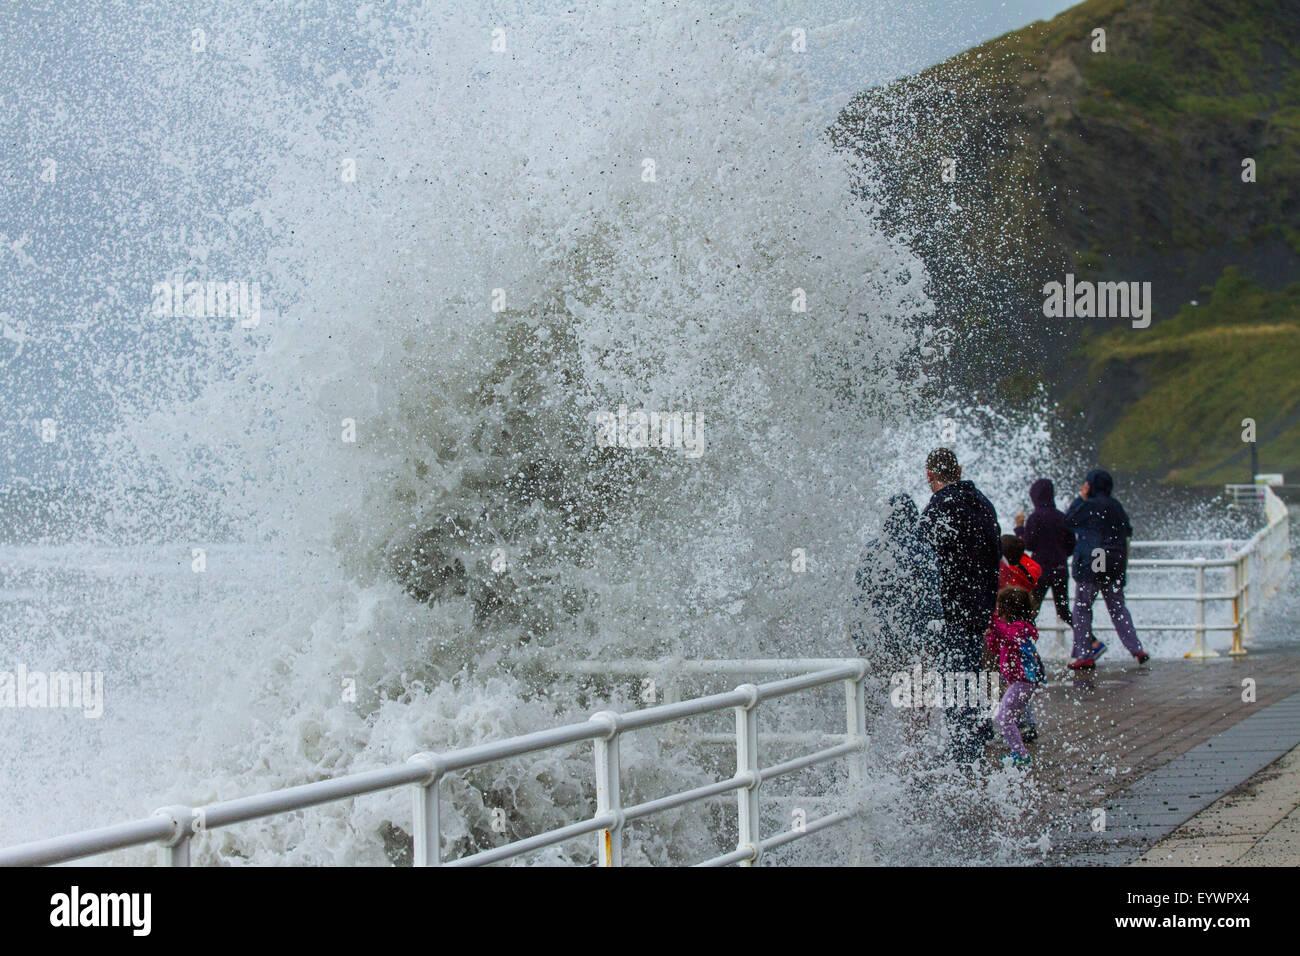 Aberystwyth, Wales, Regno Unito. Il 4 agosto 2015. Le tempeste. Un 5-8 piedi si gonfiano, venti alti e un alta marea Immagini Stock